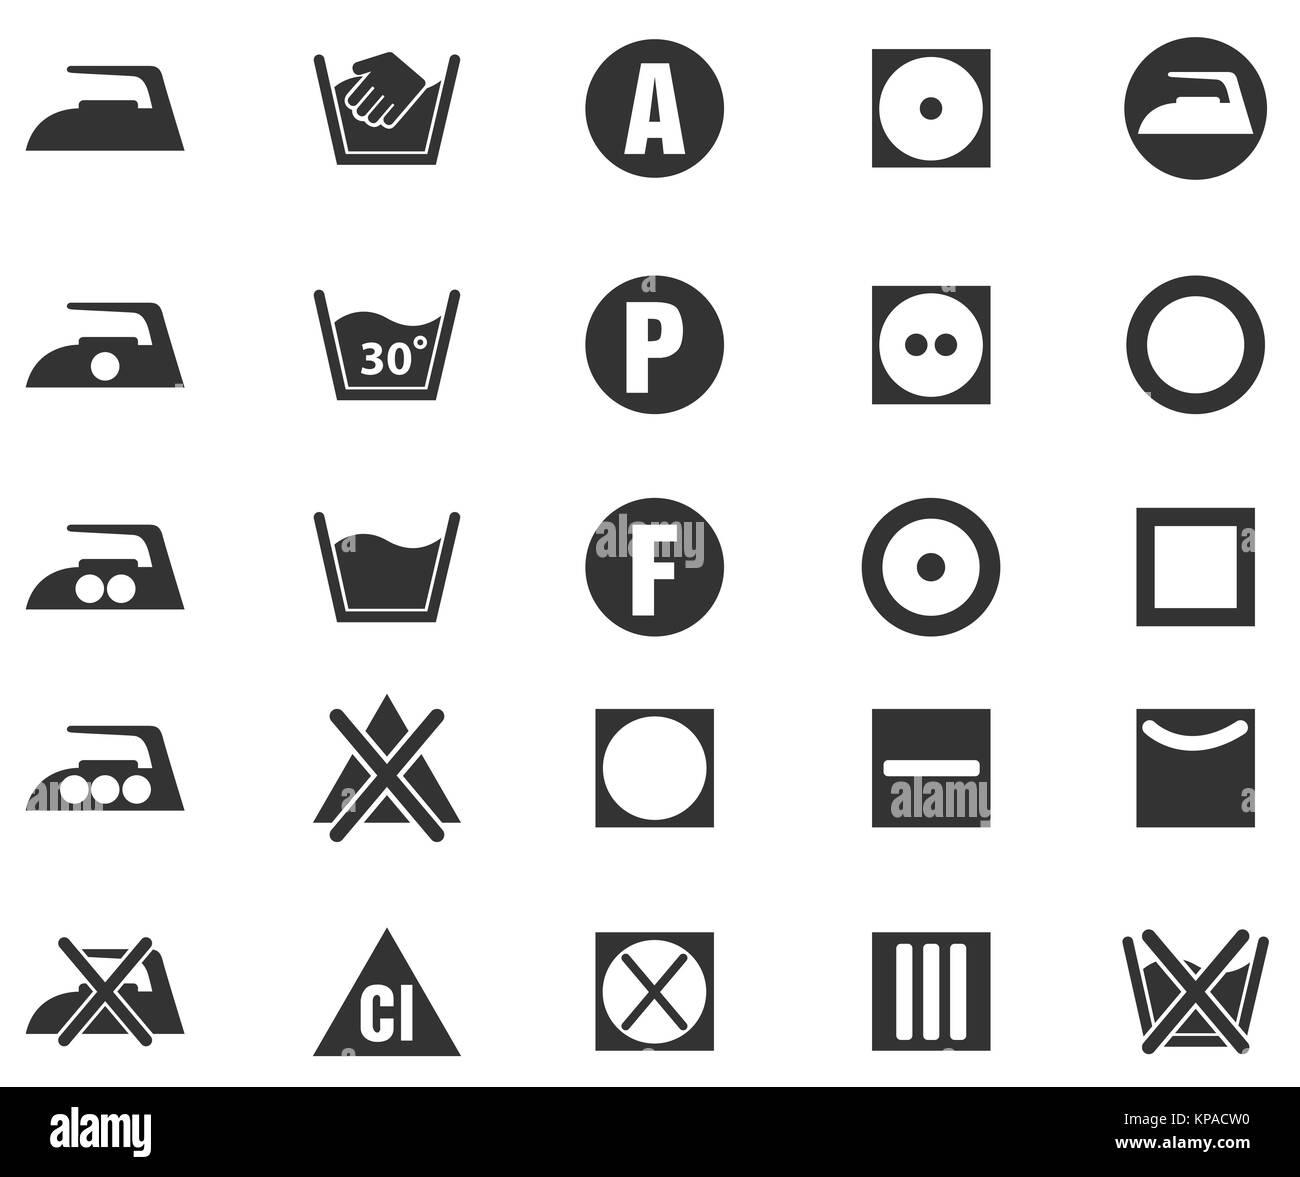 Washing Symbols On Clothing Label Black And White Stock Photos